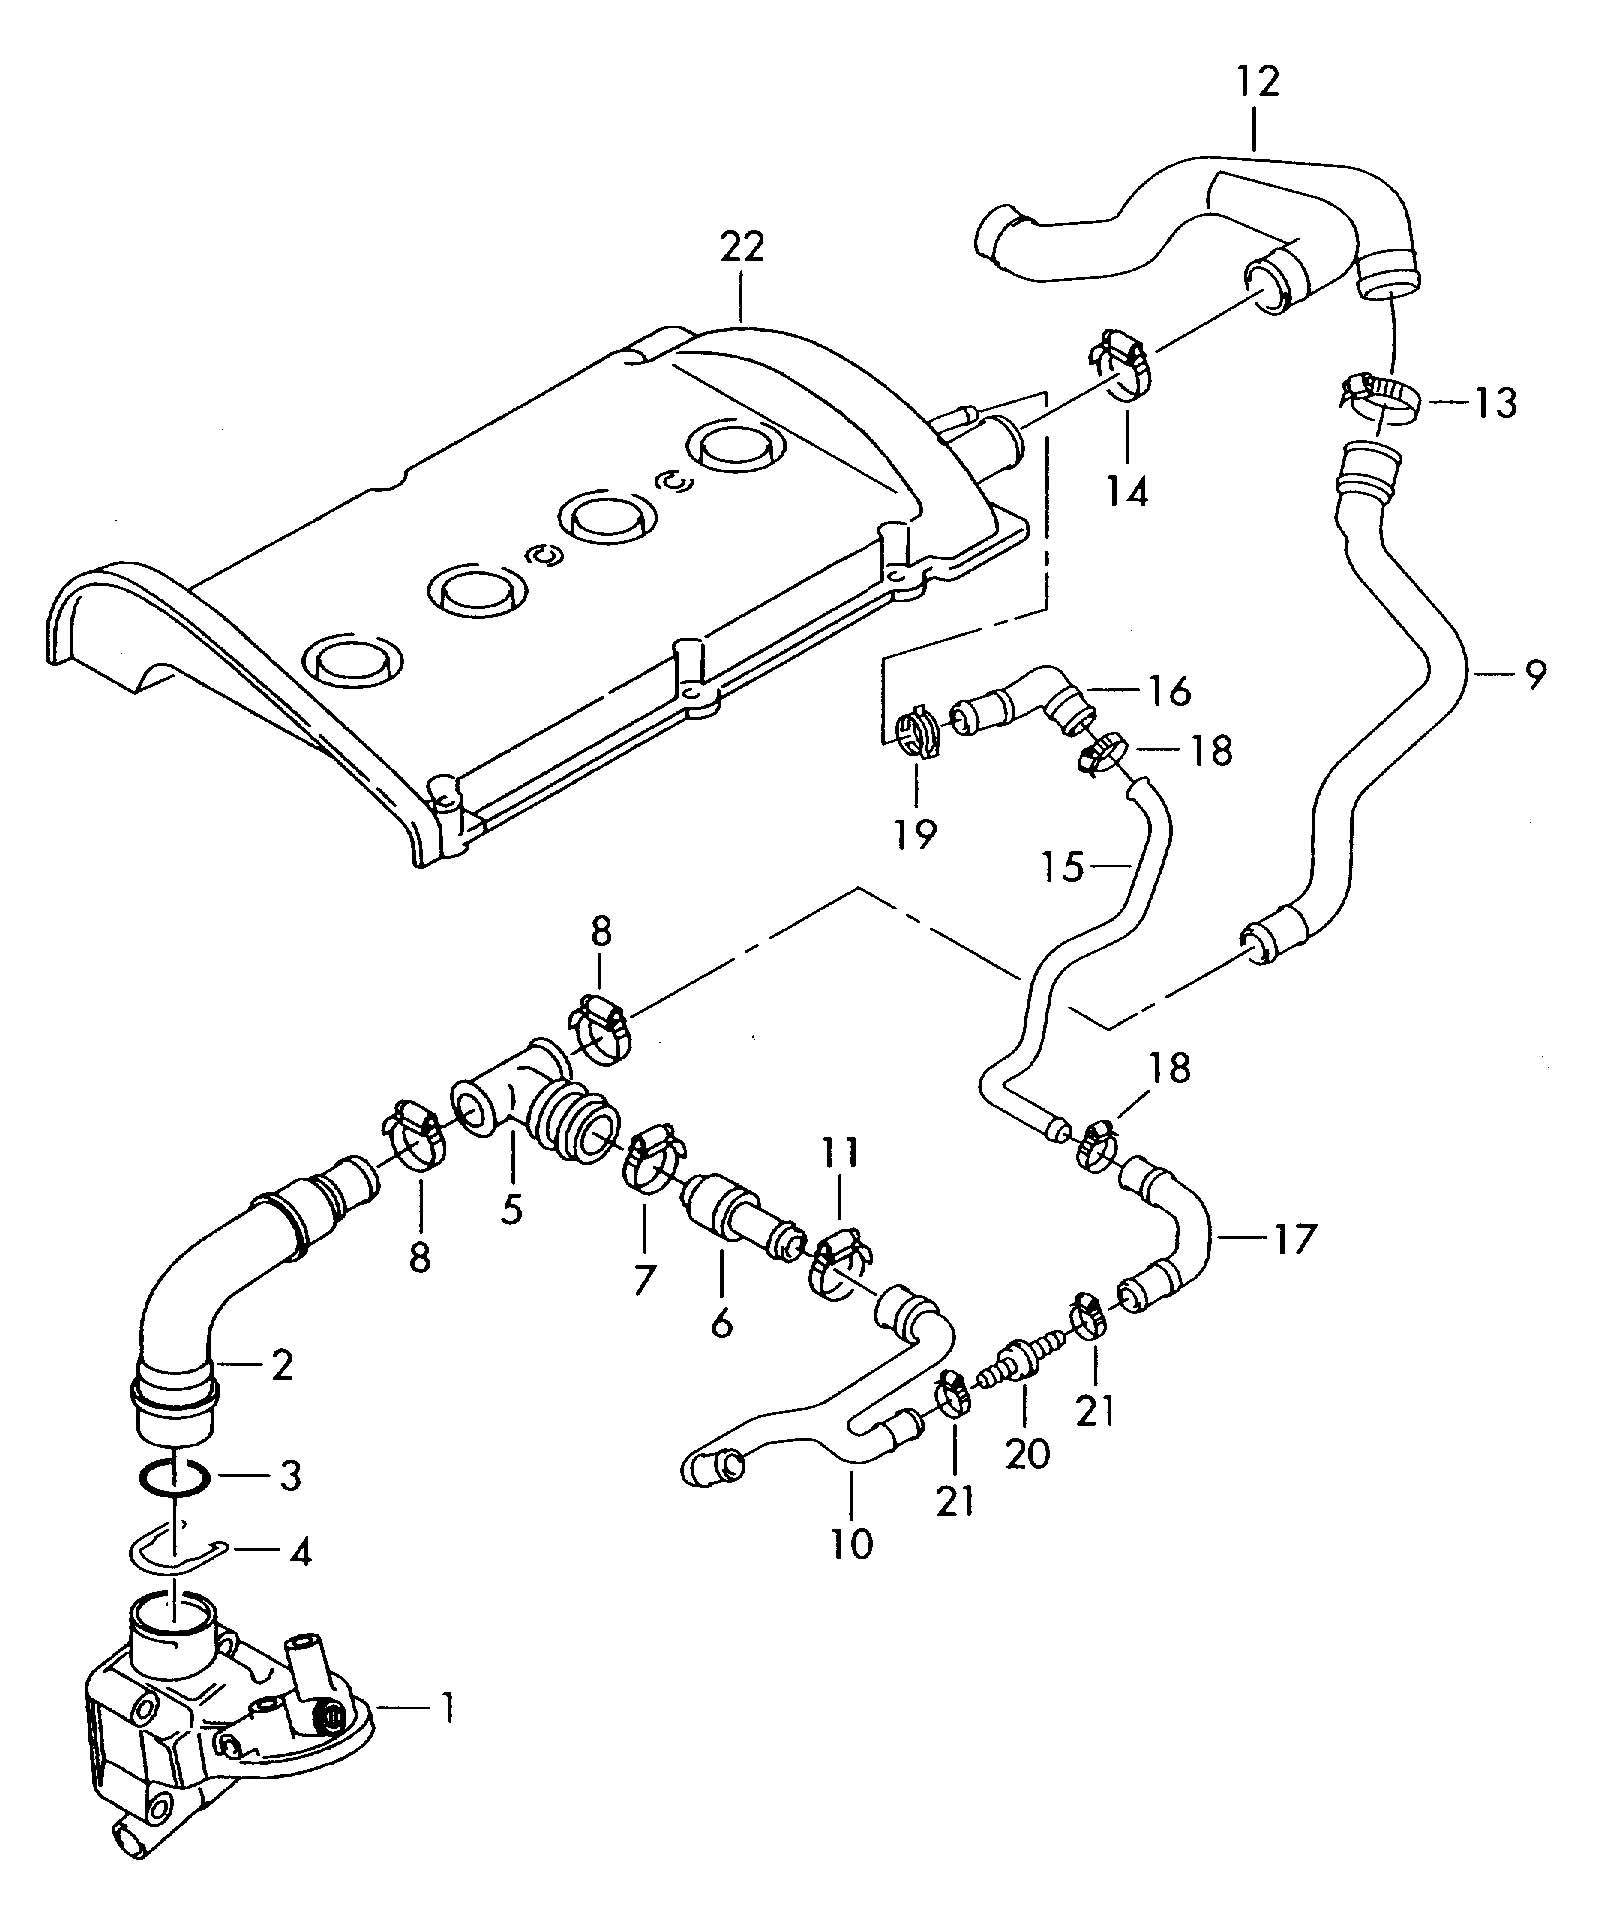 2006 Duramax Engine Diagram Html Autos Post